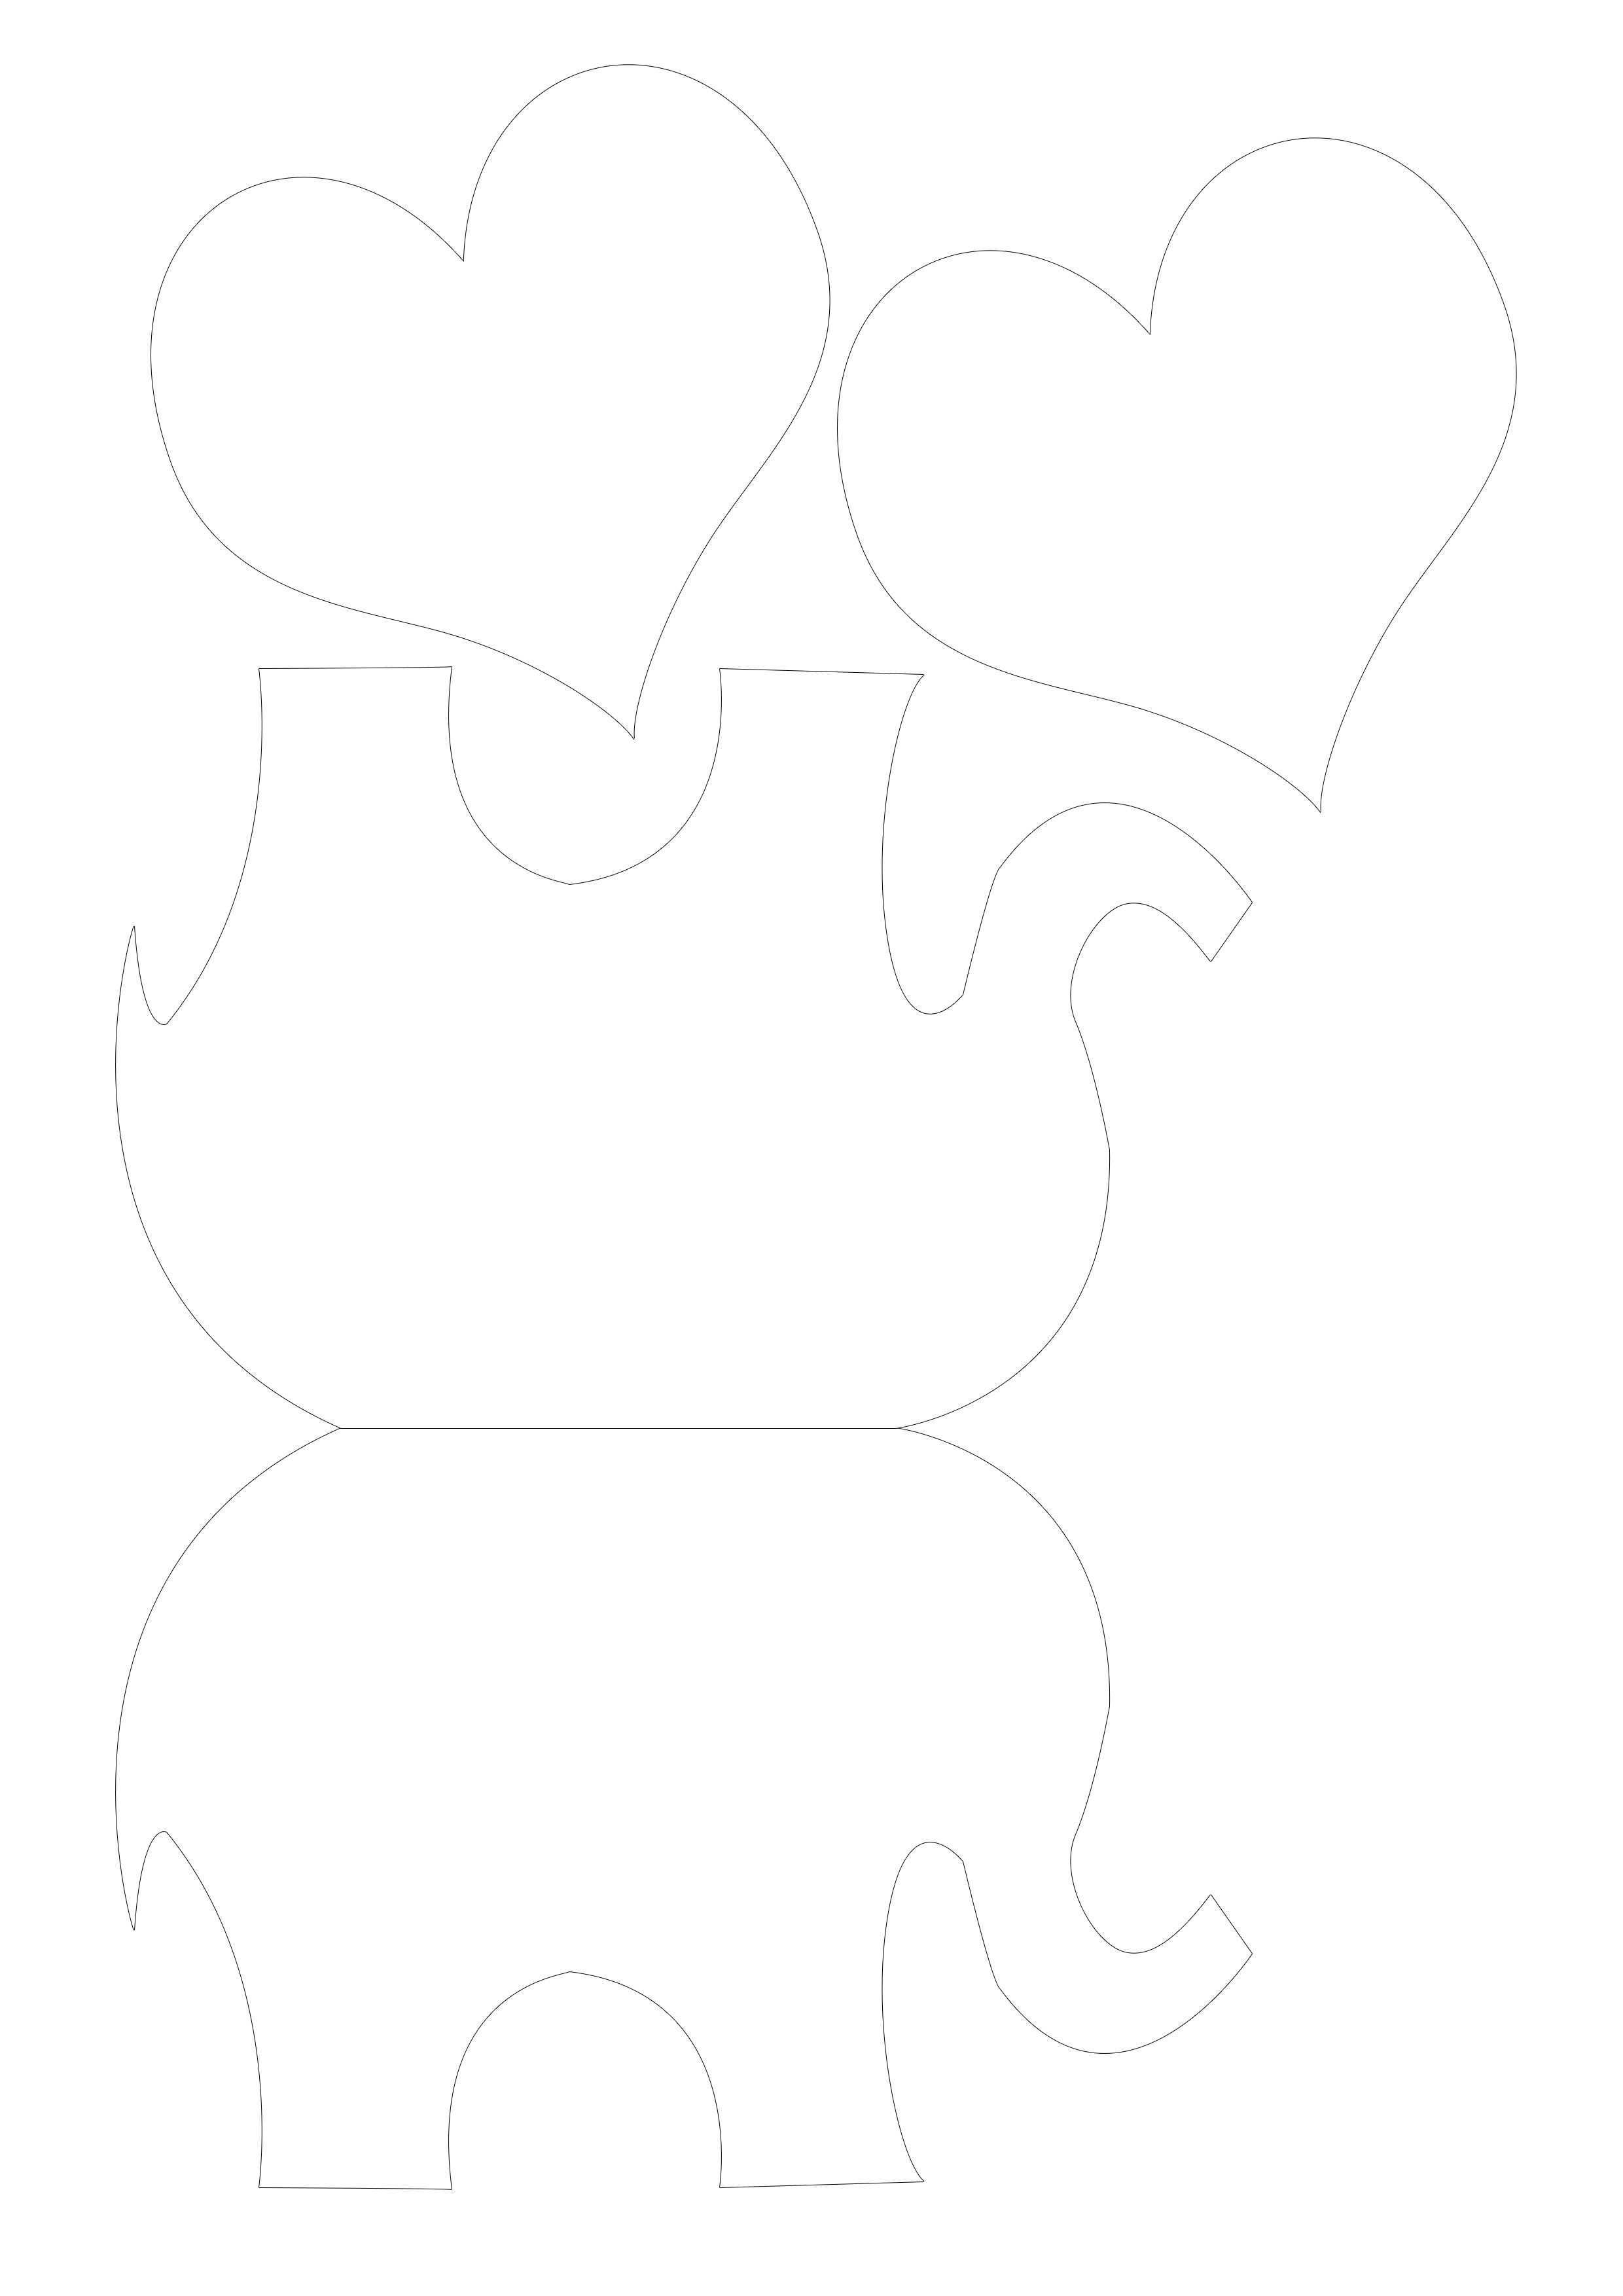 Elefant Basteln Aus Papier Anleitung Und Vorlage Fur Die Kinder Elefant Basteln Baby Mobile Basteln Anleitung Mobile Baby Basteln Papier